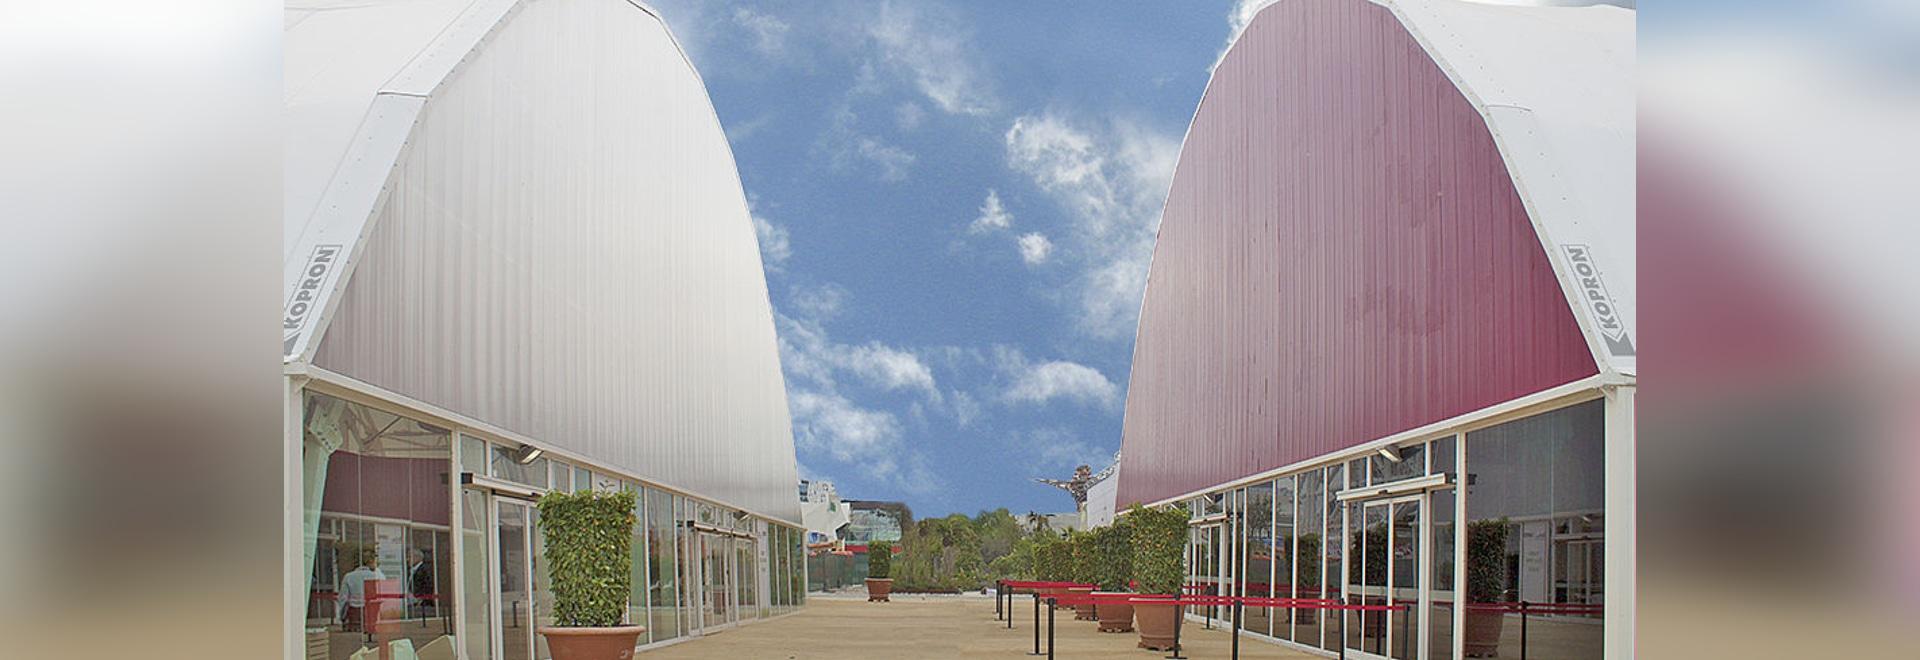 Expo 2015: alle die italienische biodiversität unter einem dach signiert Kopron